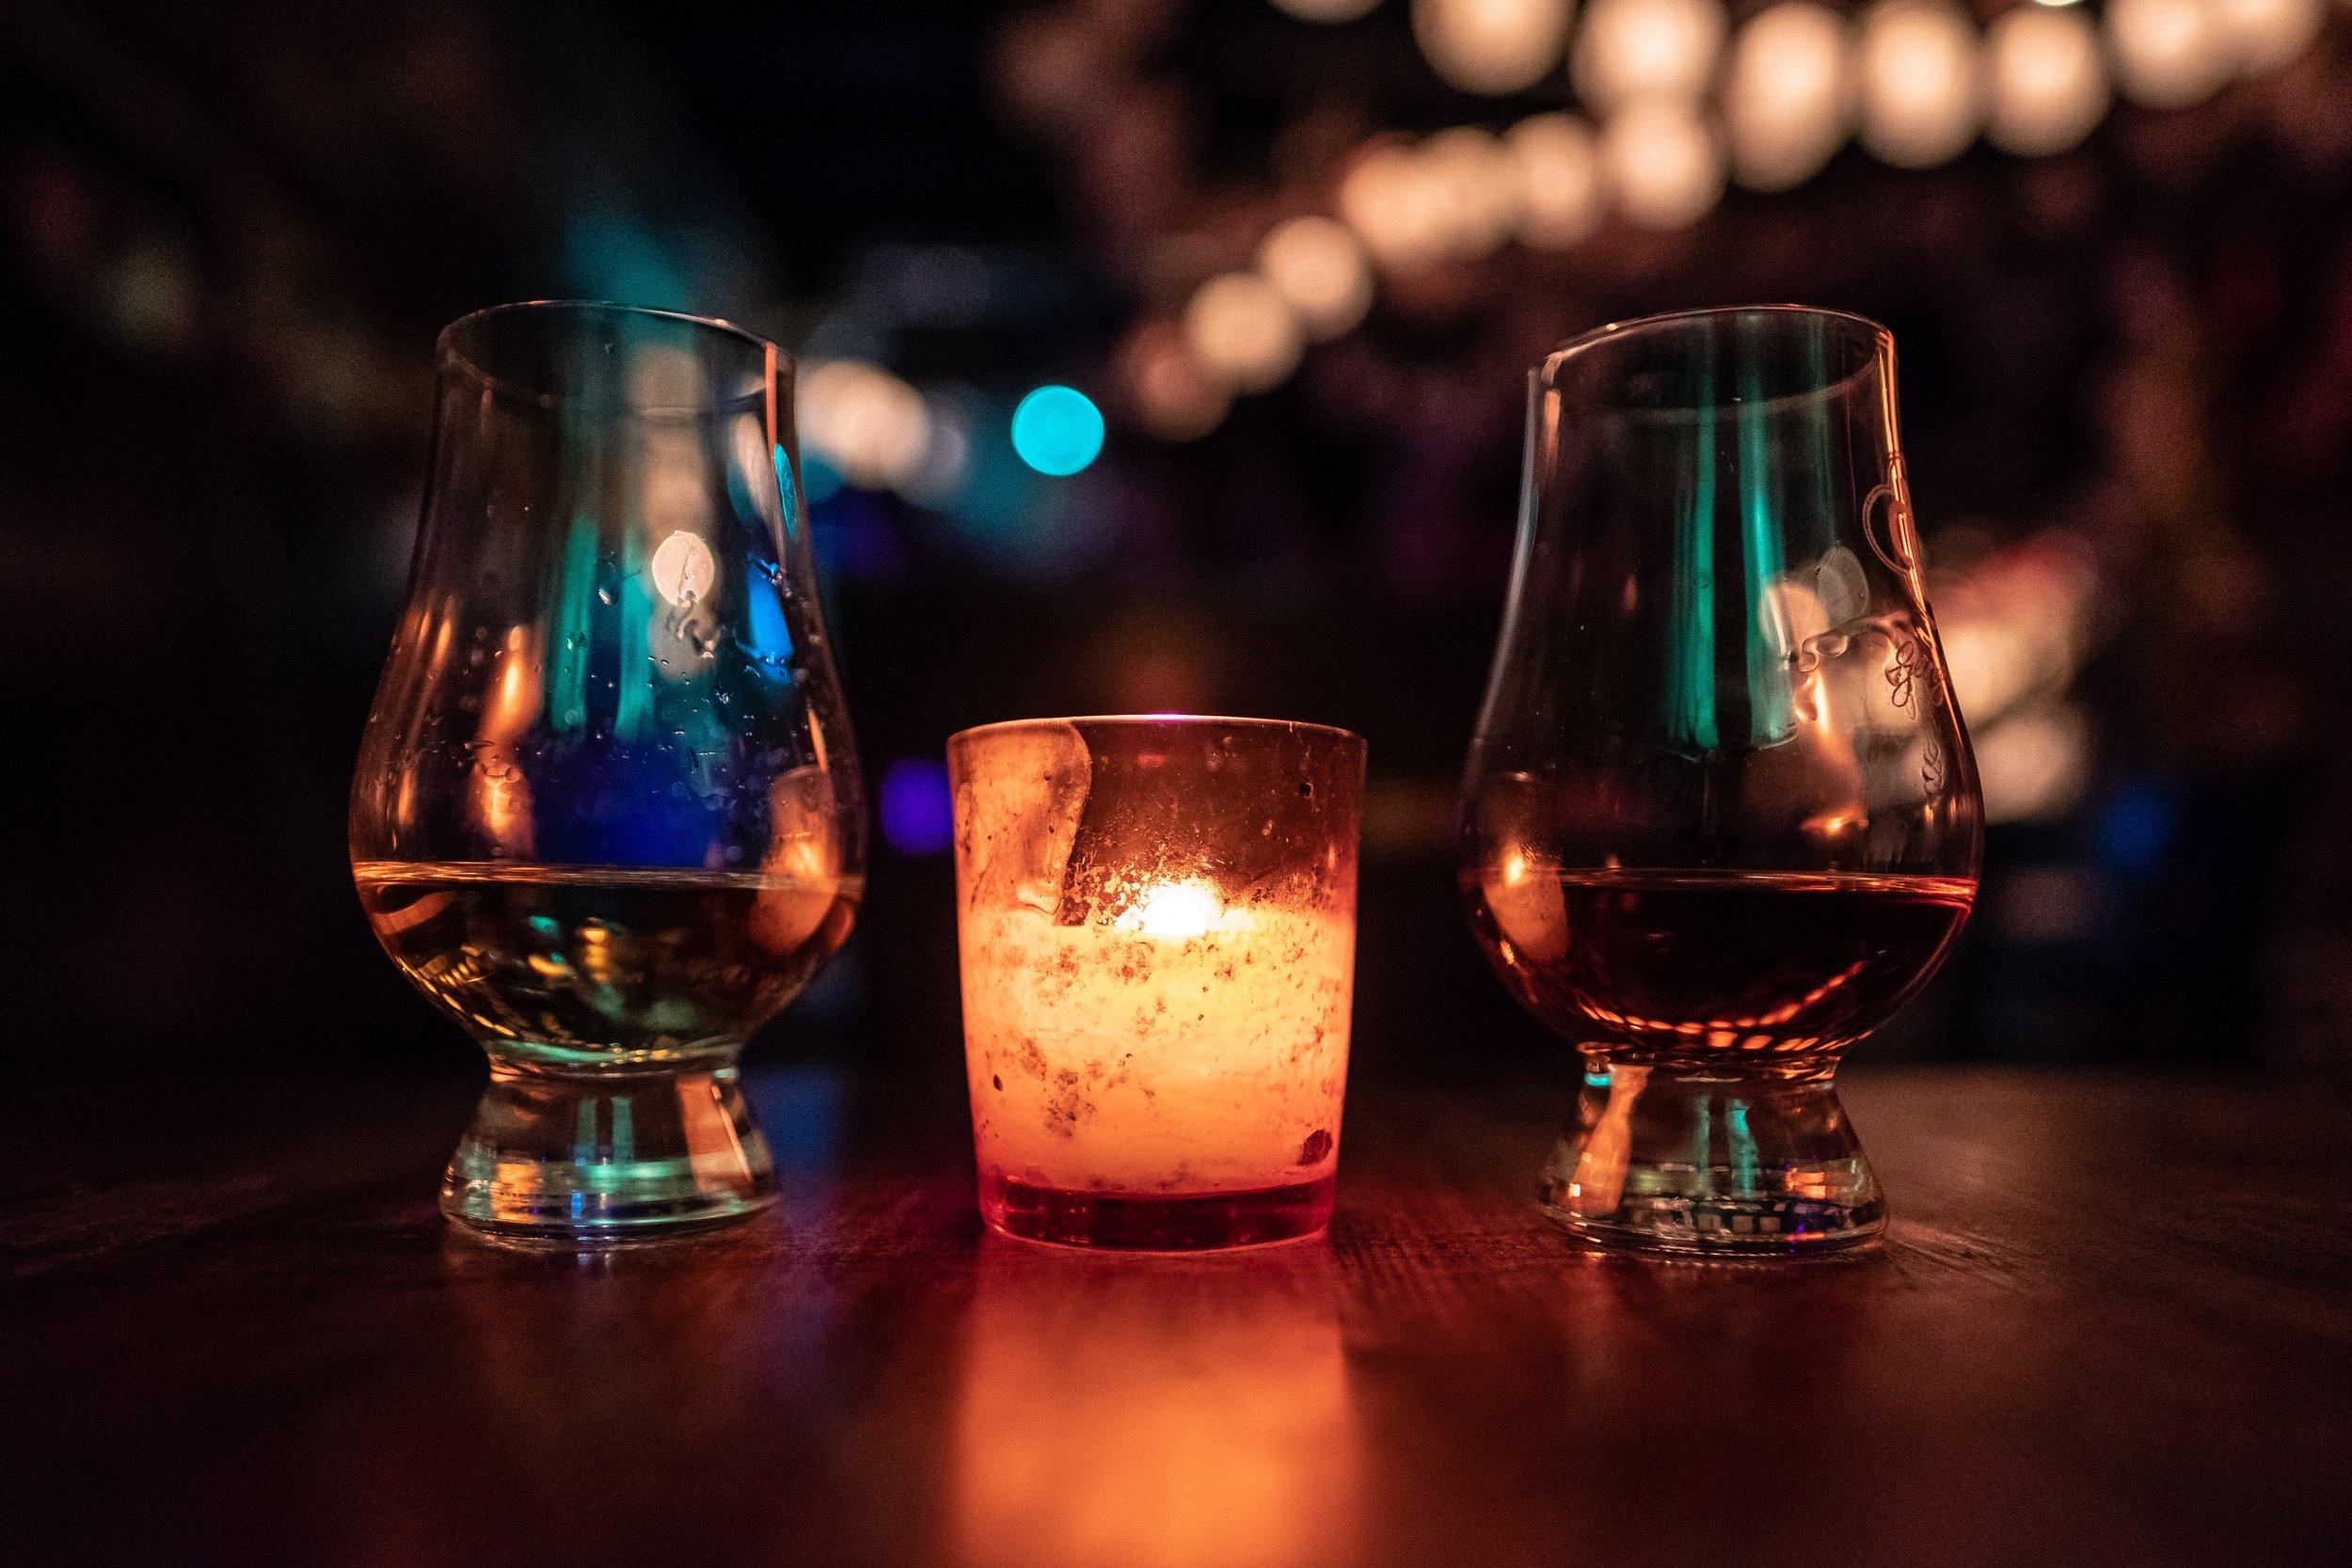 Dryckespaket - Öl, Snaps, Vin, Avec295 kr